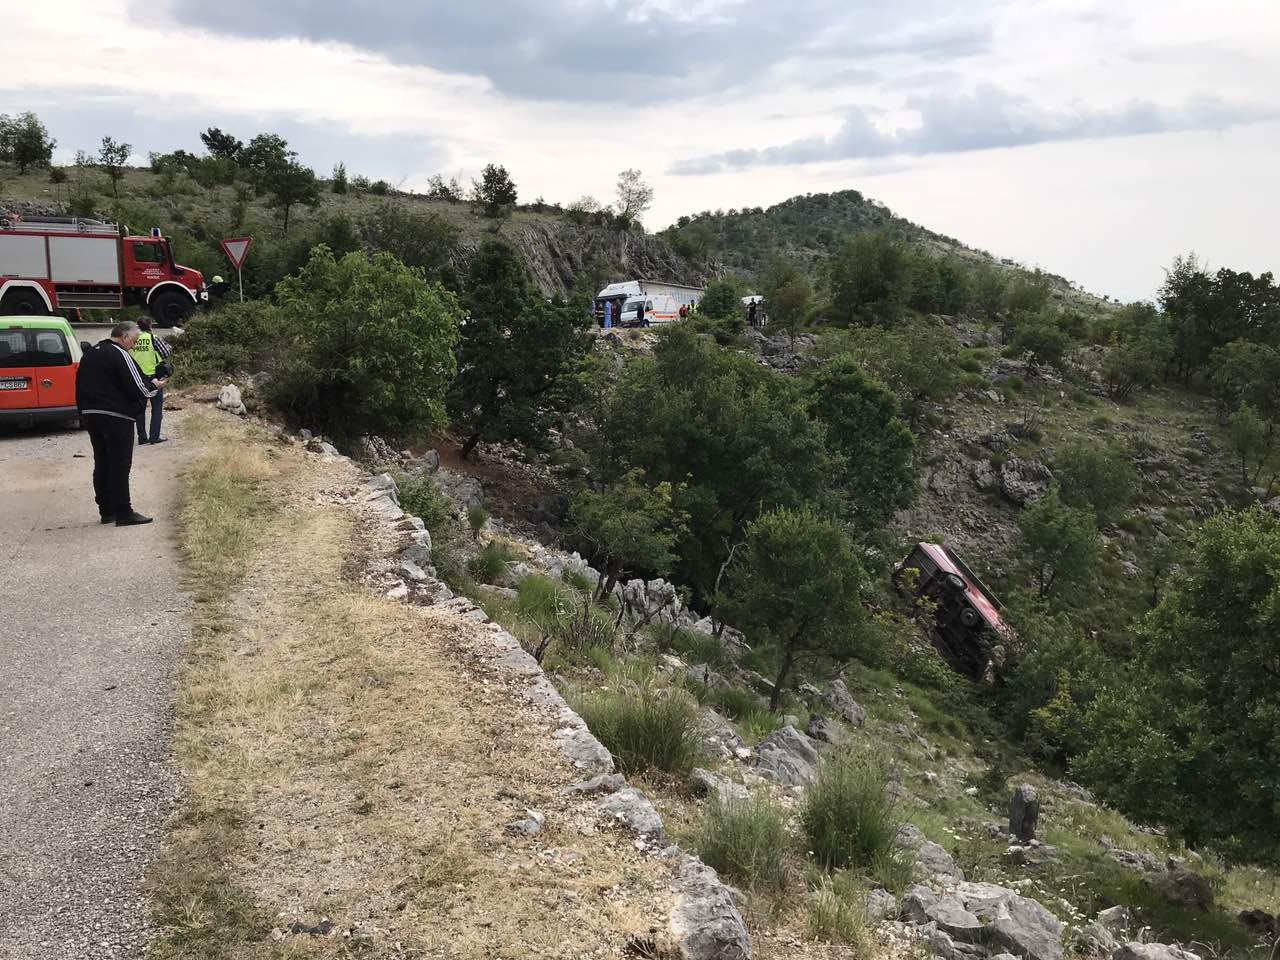 Teška saobraćajna nesreća na putu PG-NK, dvije mlađe ženske osobe poginule, najmanje 15 povrijeđenih